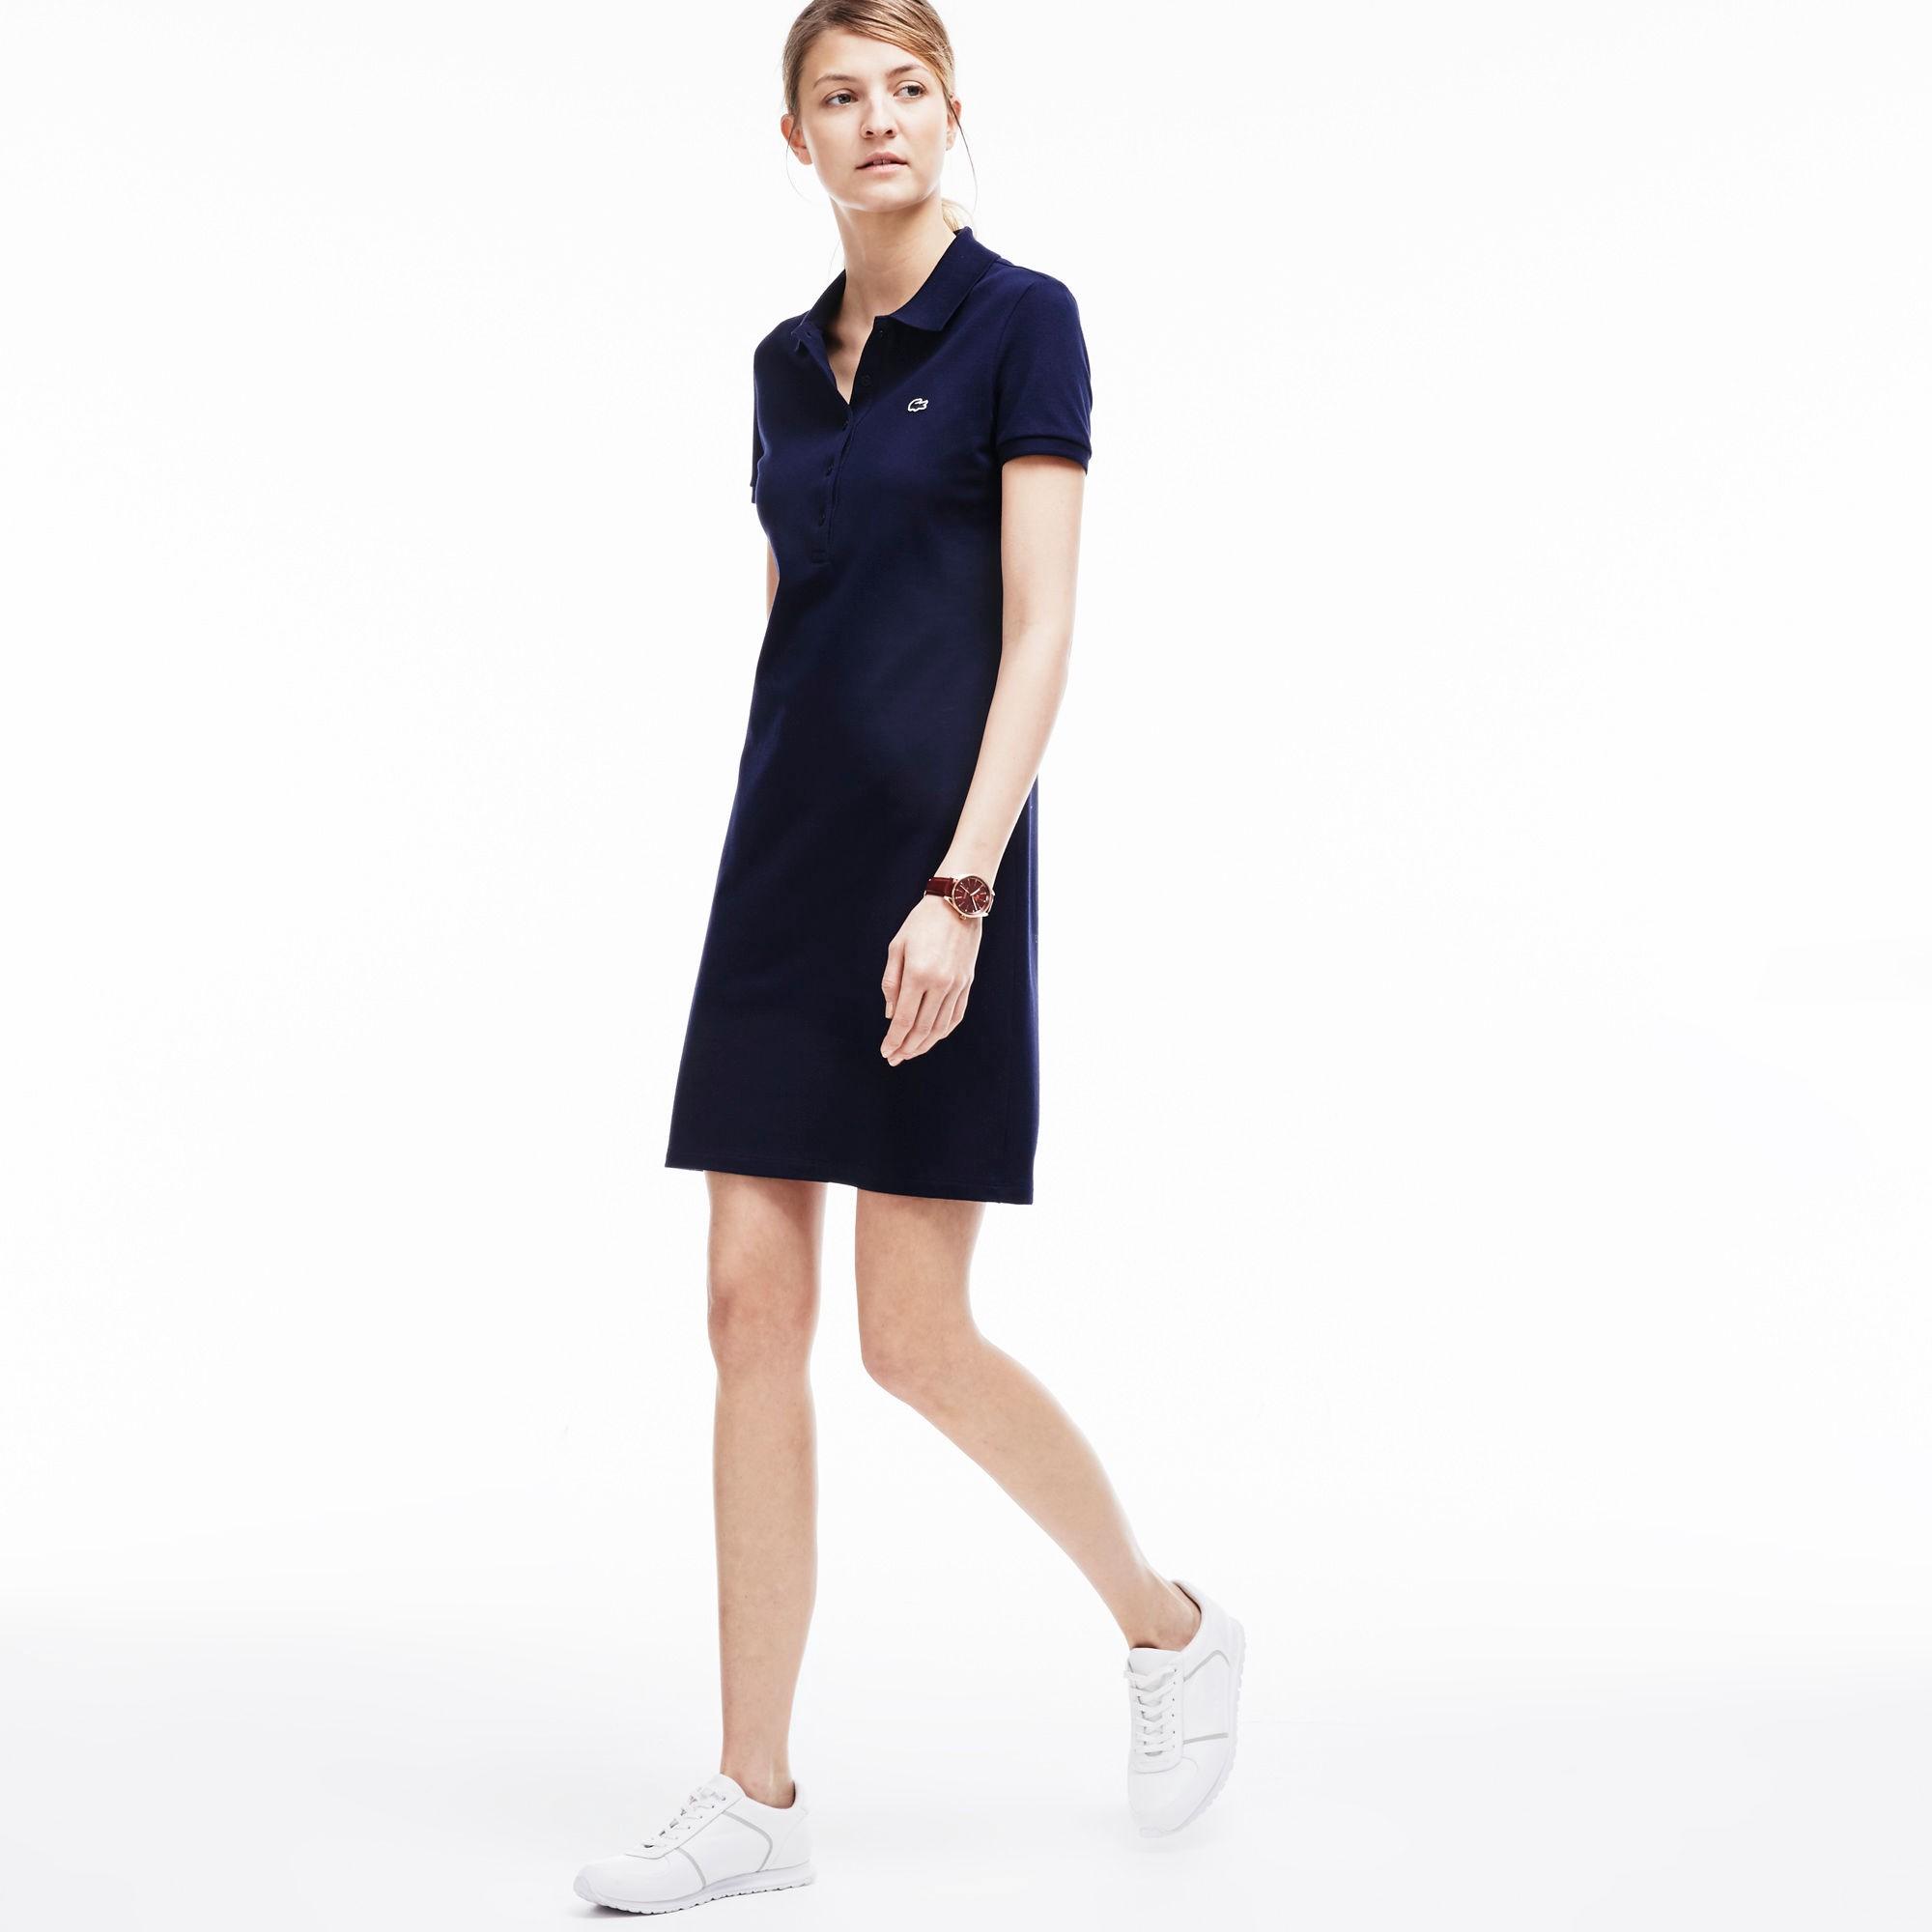 Lacoste Cottons WOMEN'S STRETCH PIQUé POLO DRESS - NAVY BLUE